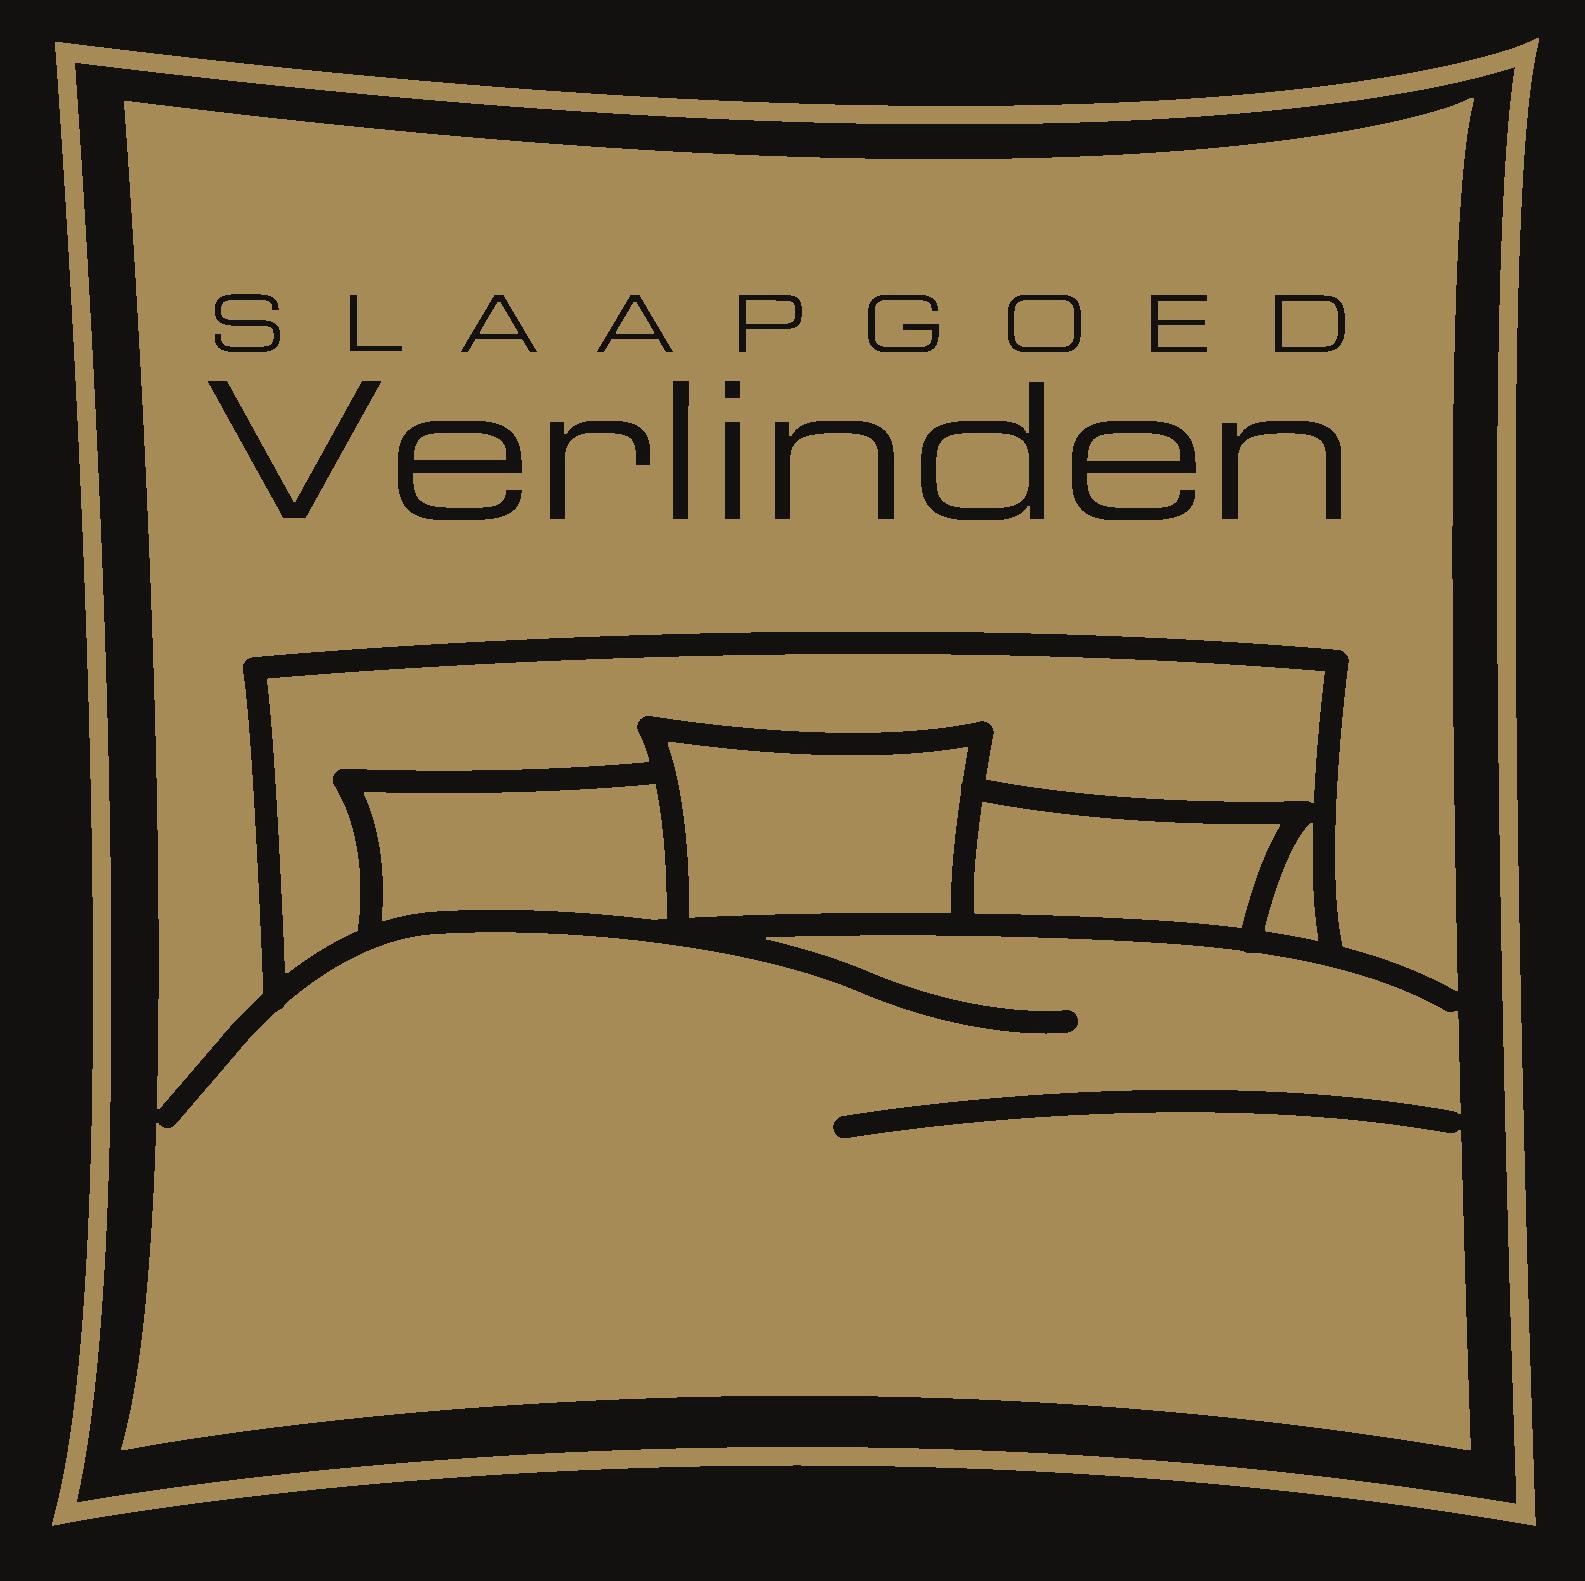 Slaapgoed Verlinden logo